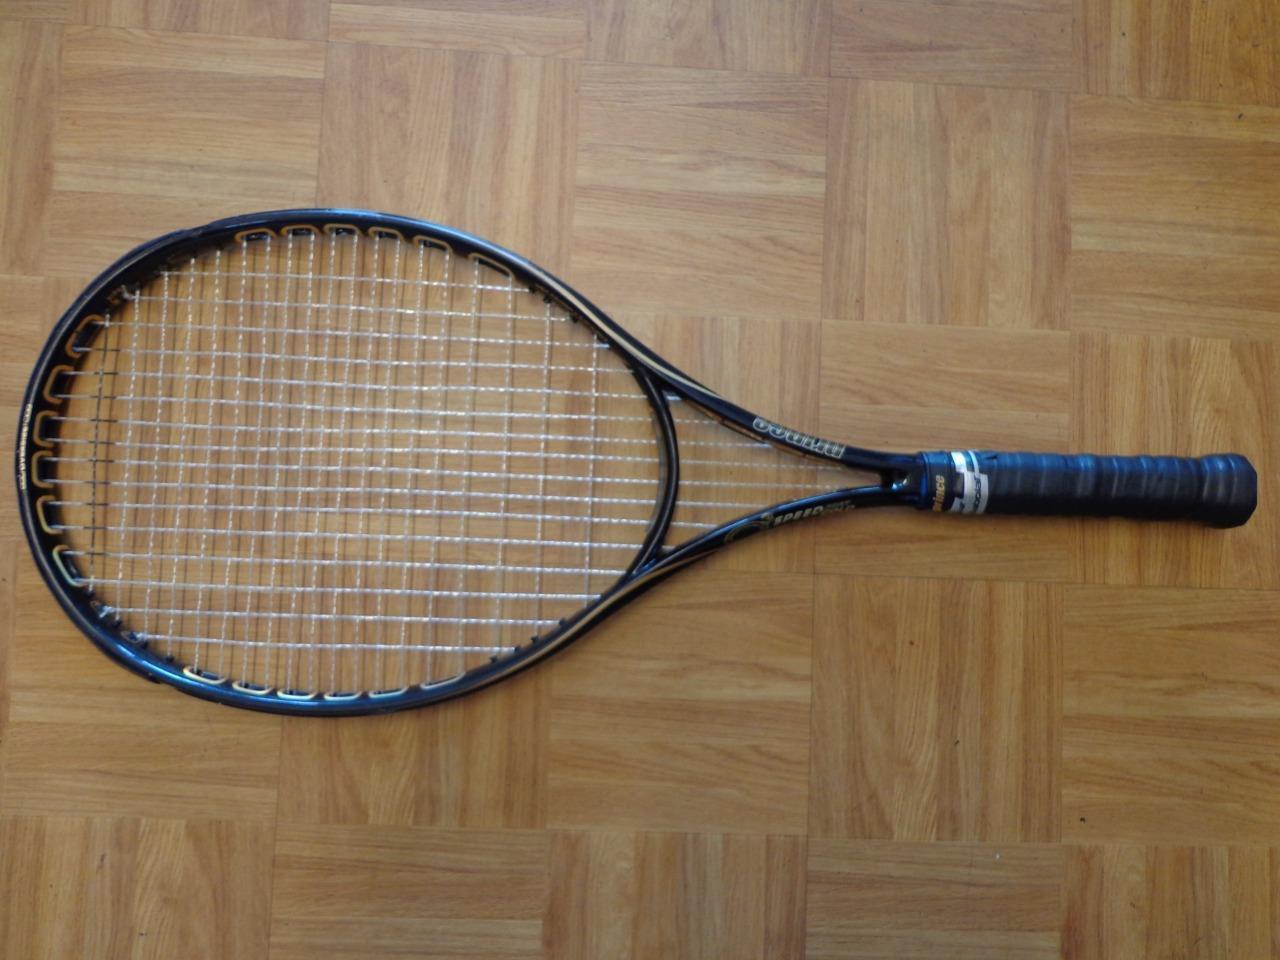 Prince O3 SpeedPort gold Oversize 115 head 4 5 8 grip Tennis Racquet